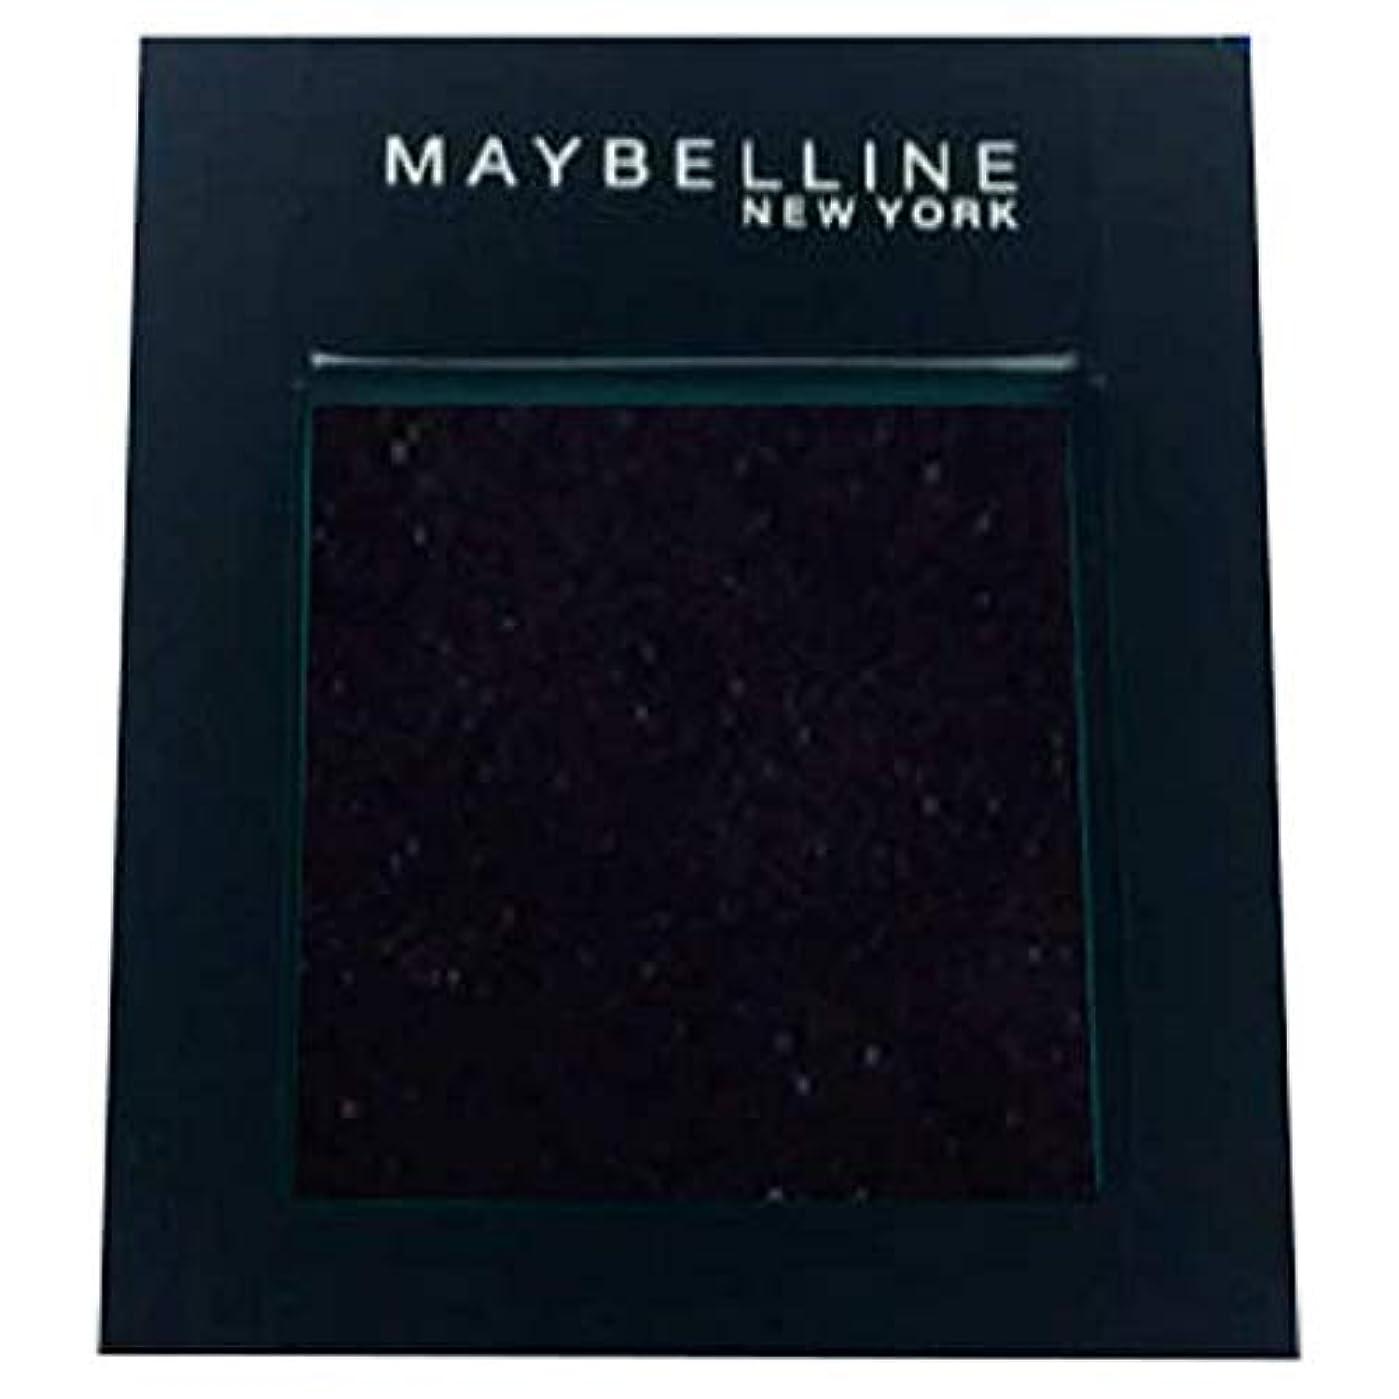 化粧批判的に礼儀[Maybelline ] メイベリンカラーショーシングルアイシャドウ125の夜 - Maybelline Color Show Single Eyeshadow 125 Night [並行輸入品]